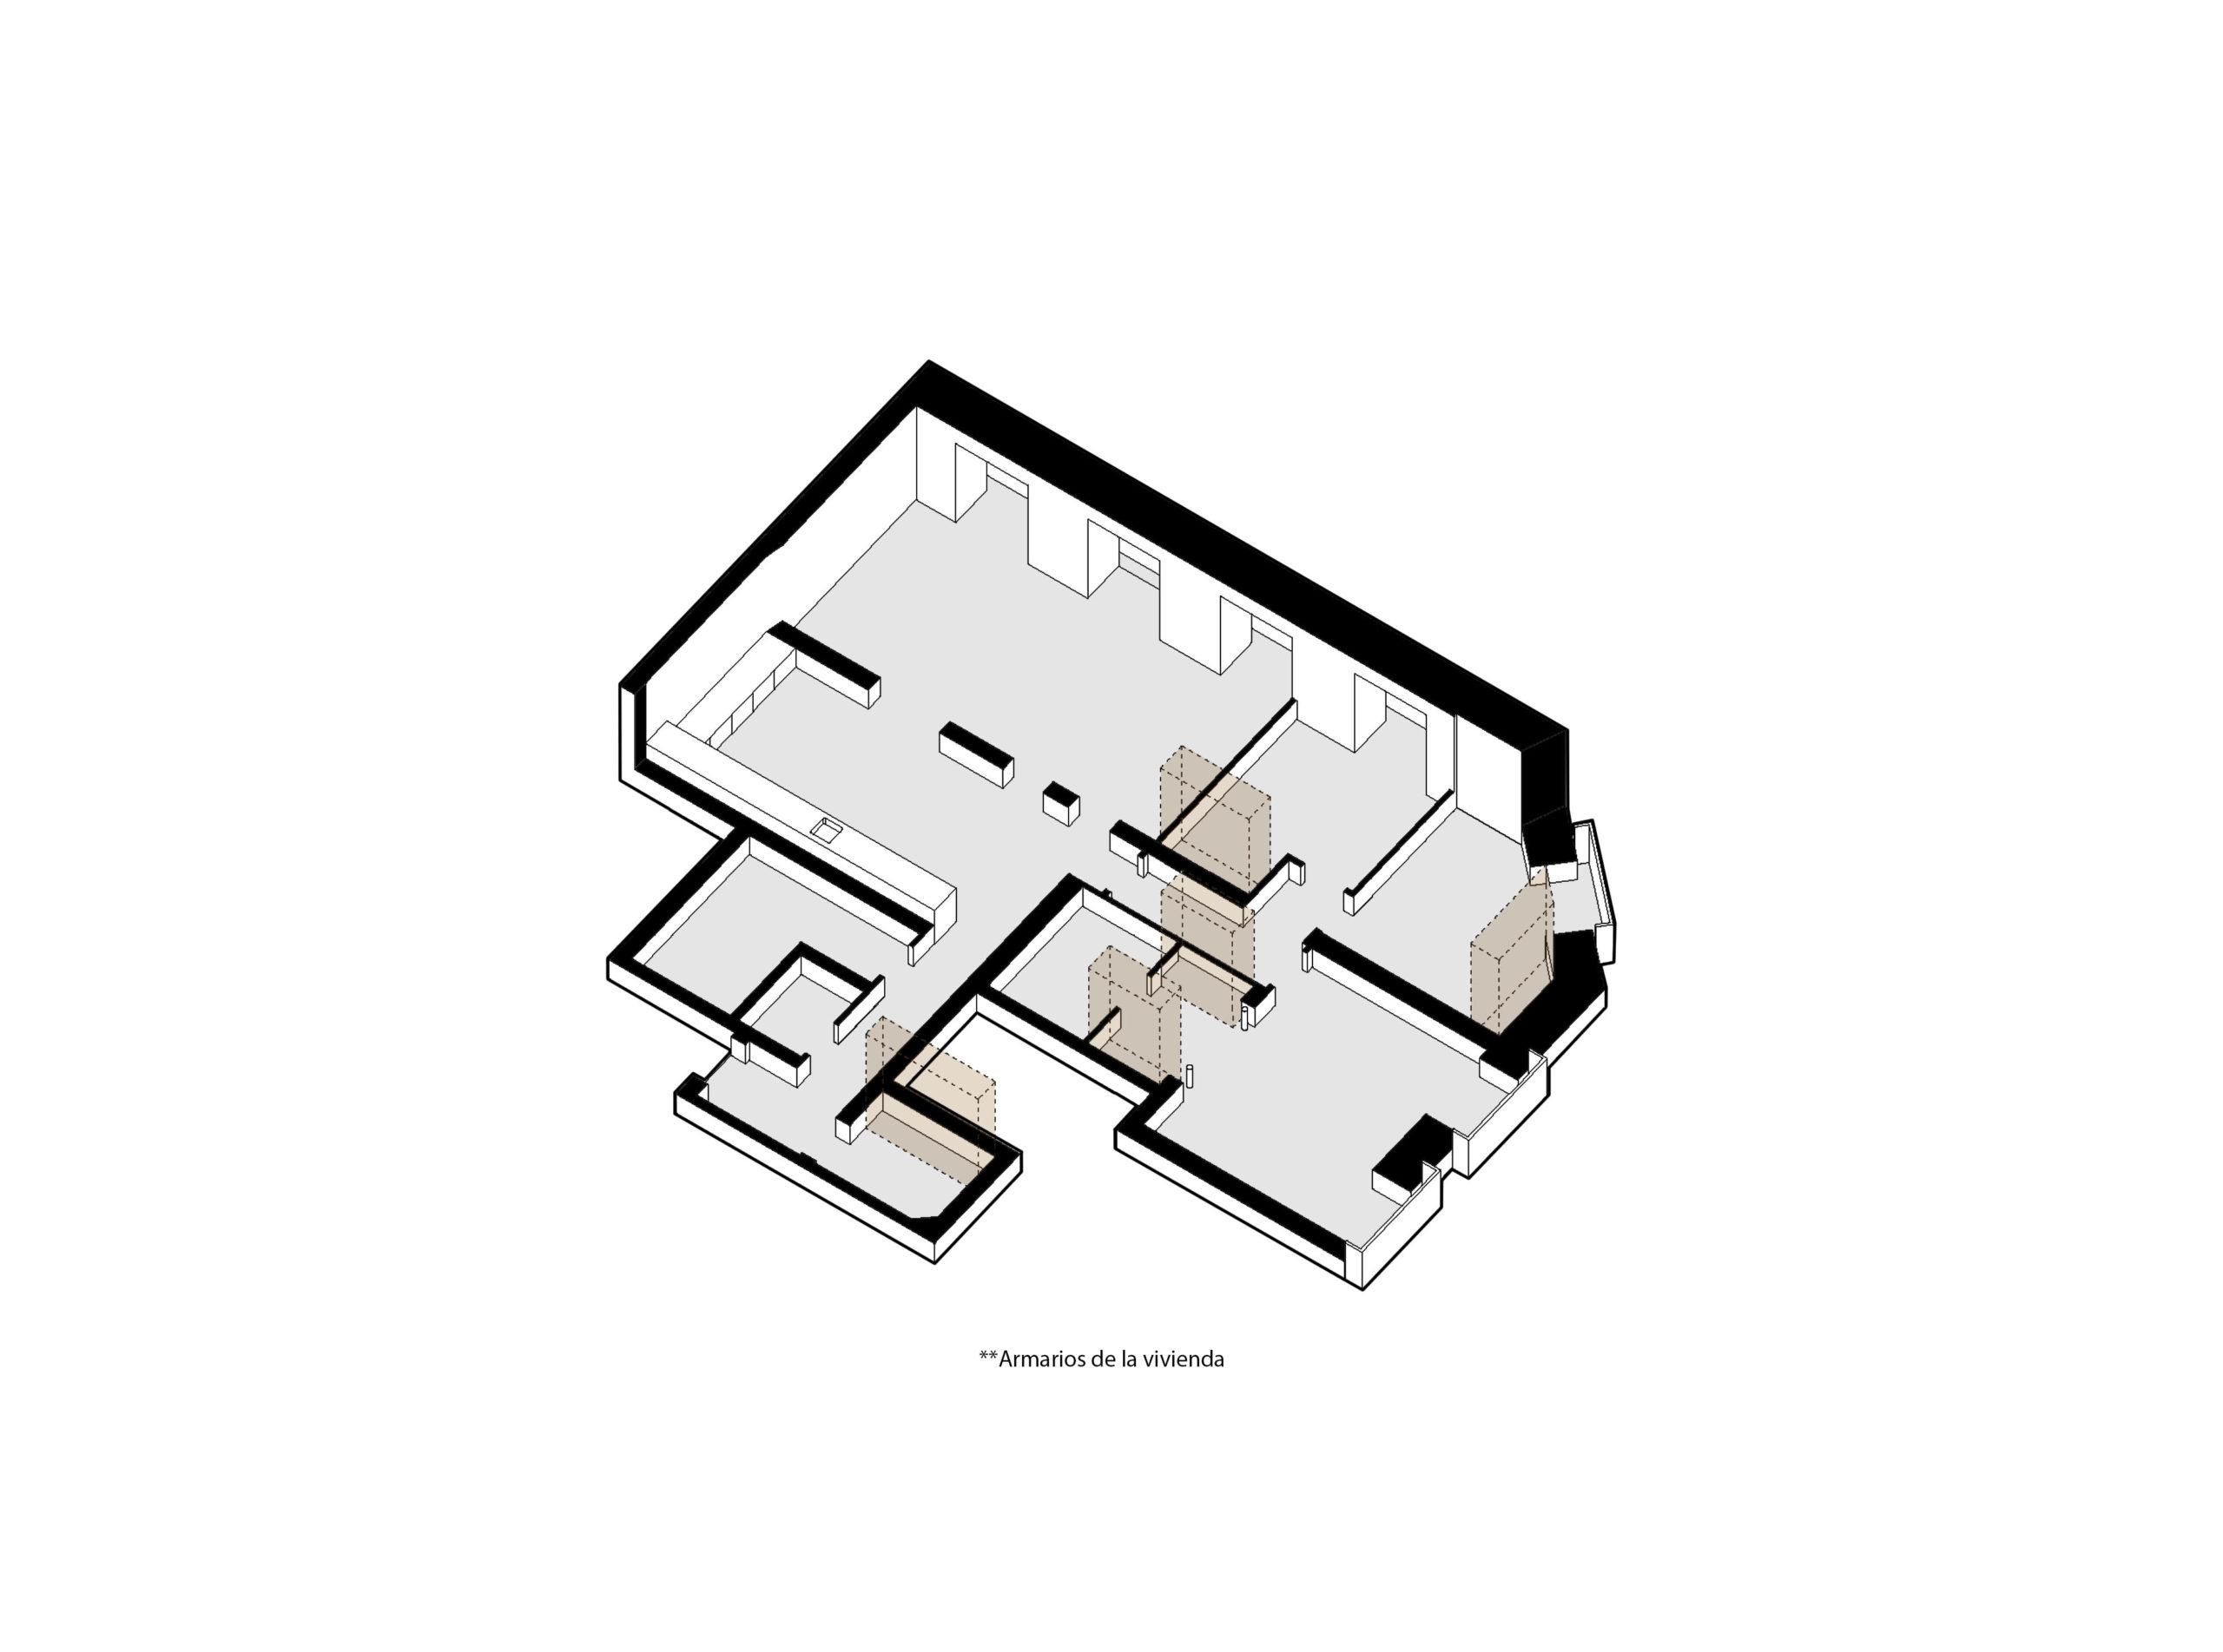 reforma-integral-vivienda-9_CASA JJ54 Armarios